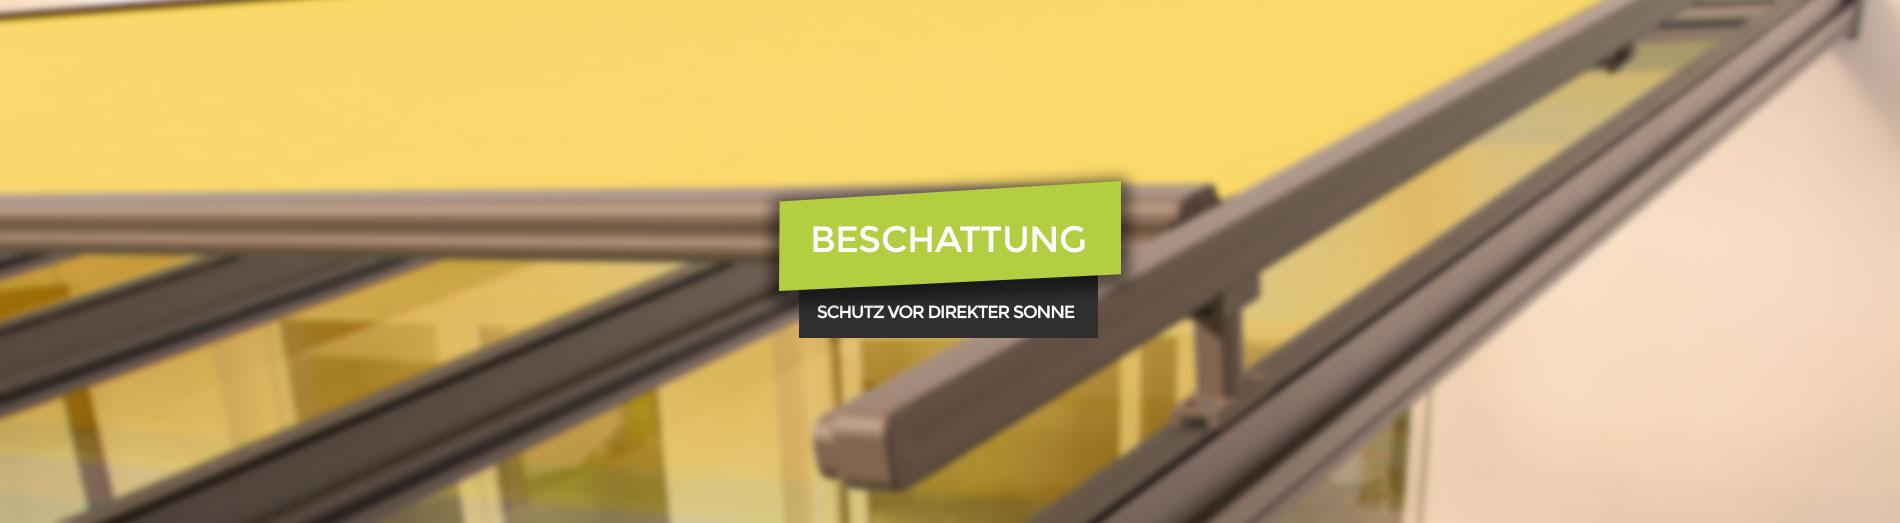 marco schwendner experte f r beschattungssysteme aller art in kelheim. Black Bedroom Furniture Sets. Home Design Ideas